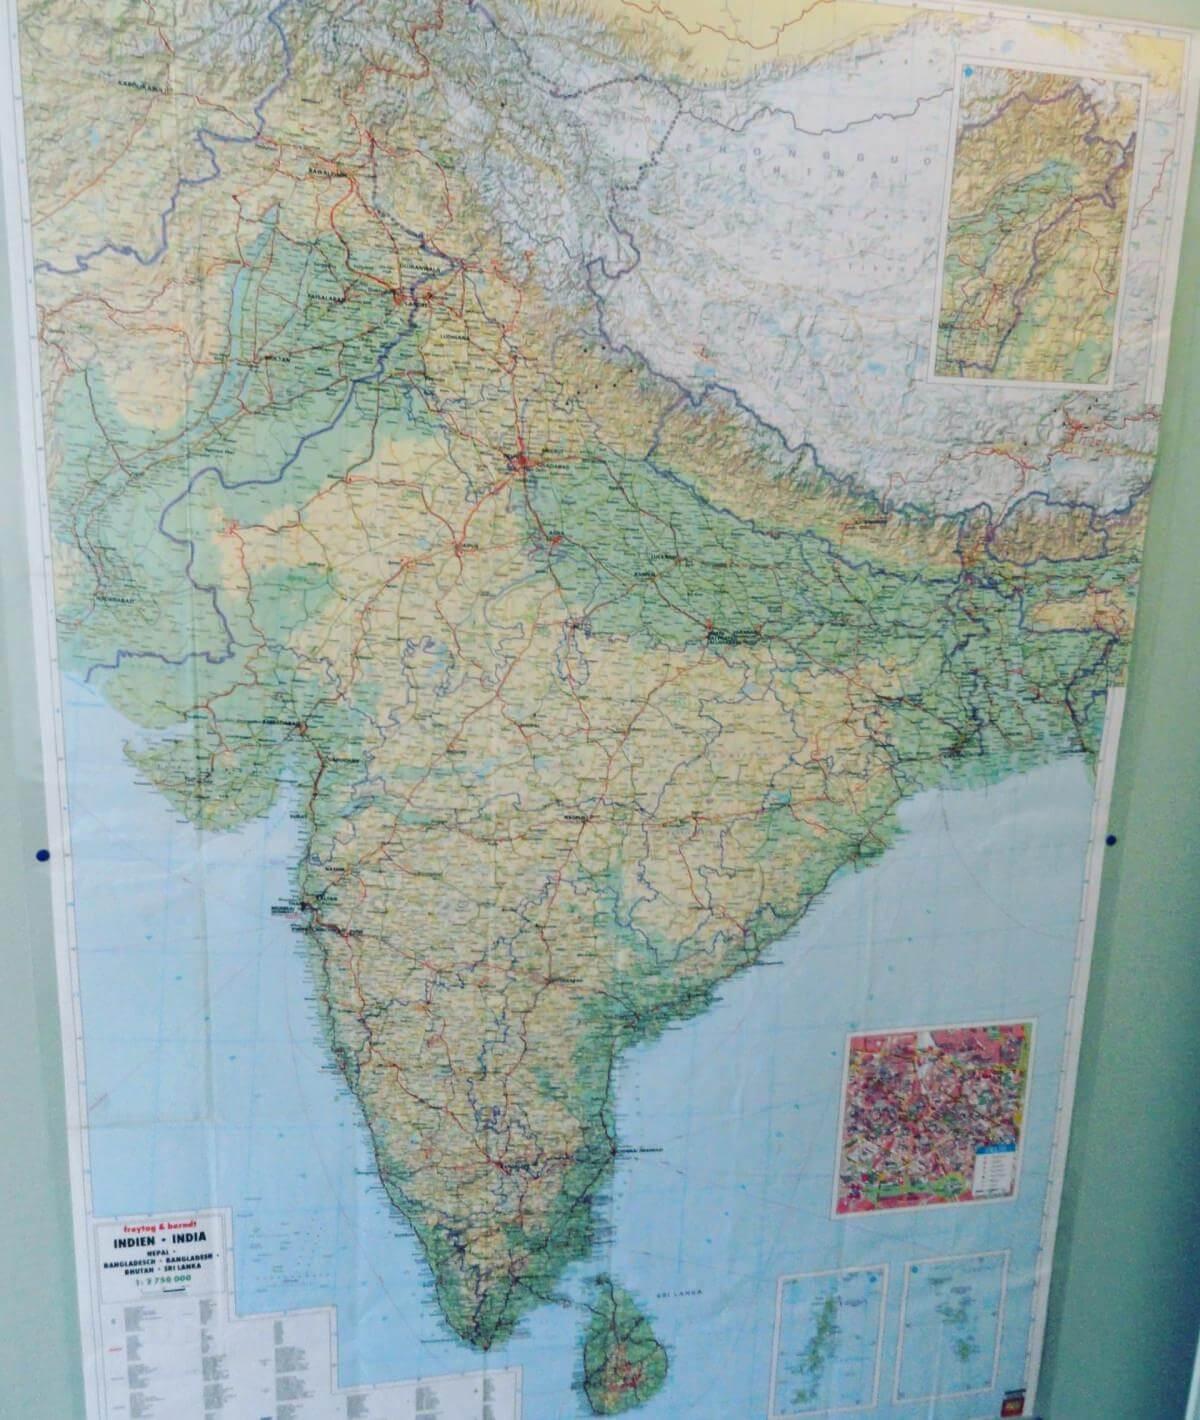 Itinerari su misura - Devanagari - Centro Yoga Aosta